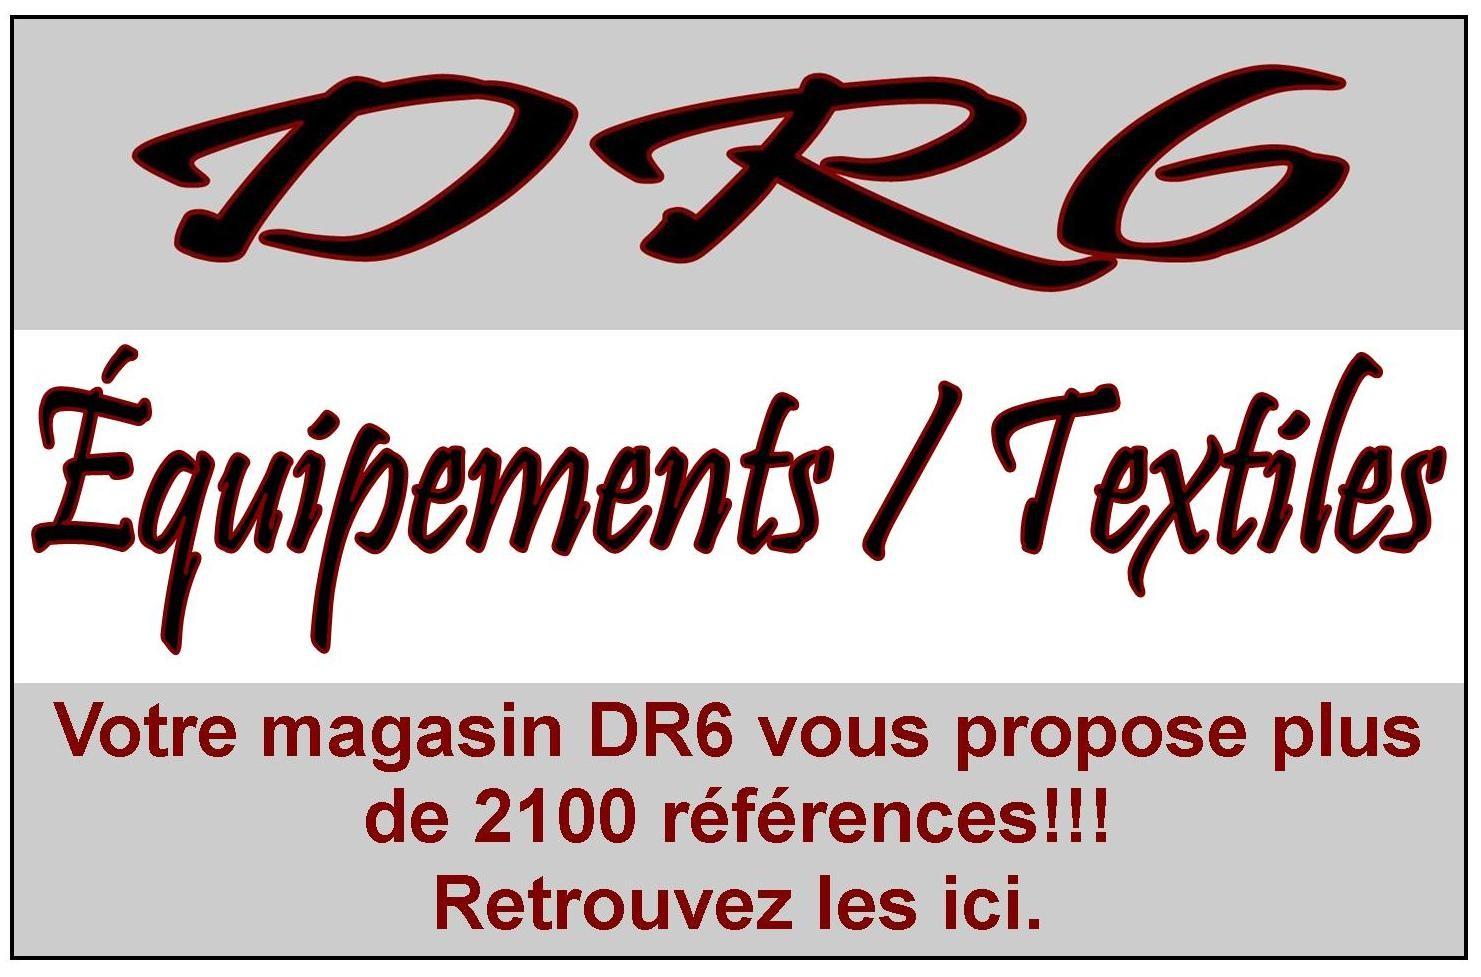 Votre magasin DR6 vous propose plus de 2100 références dans sa gamme équipements / textiles.